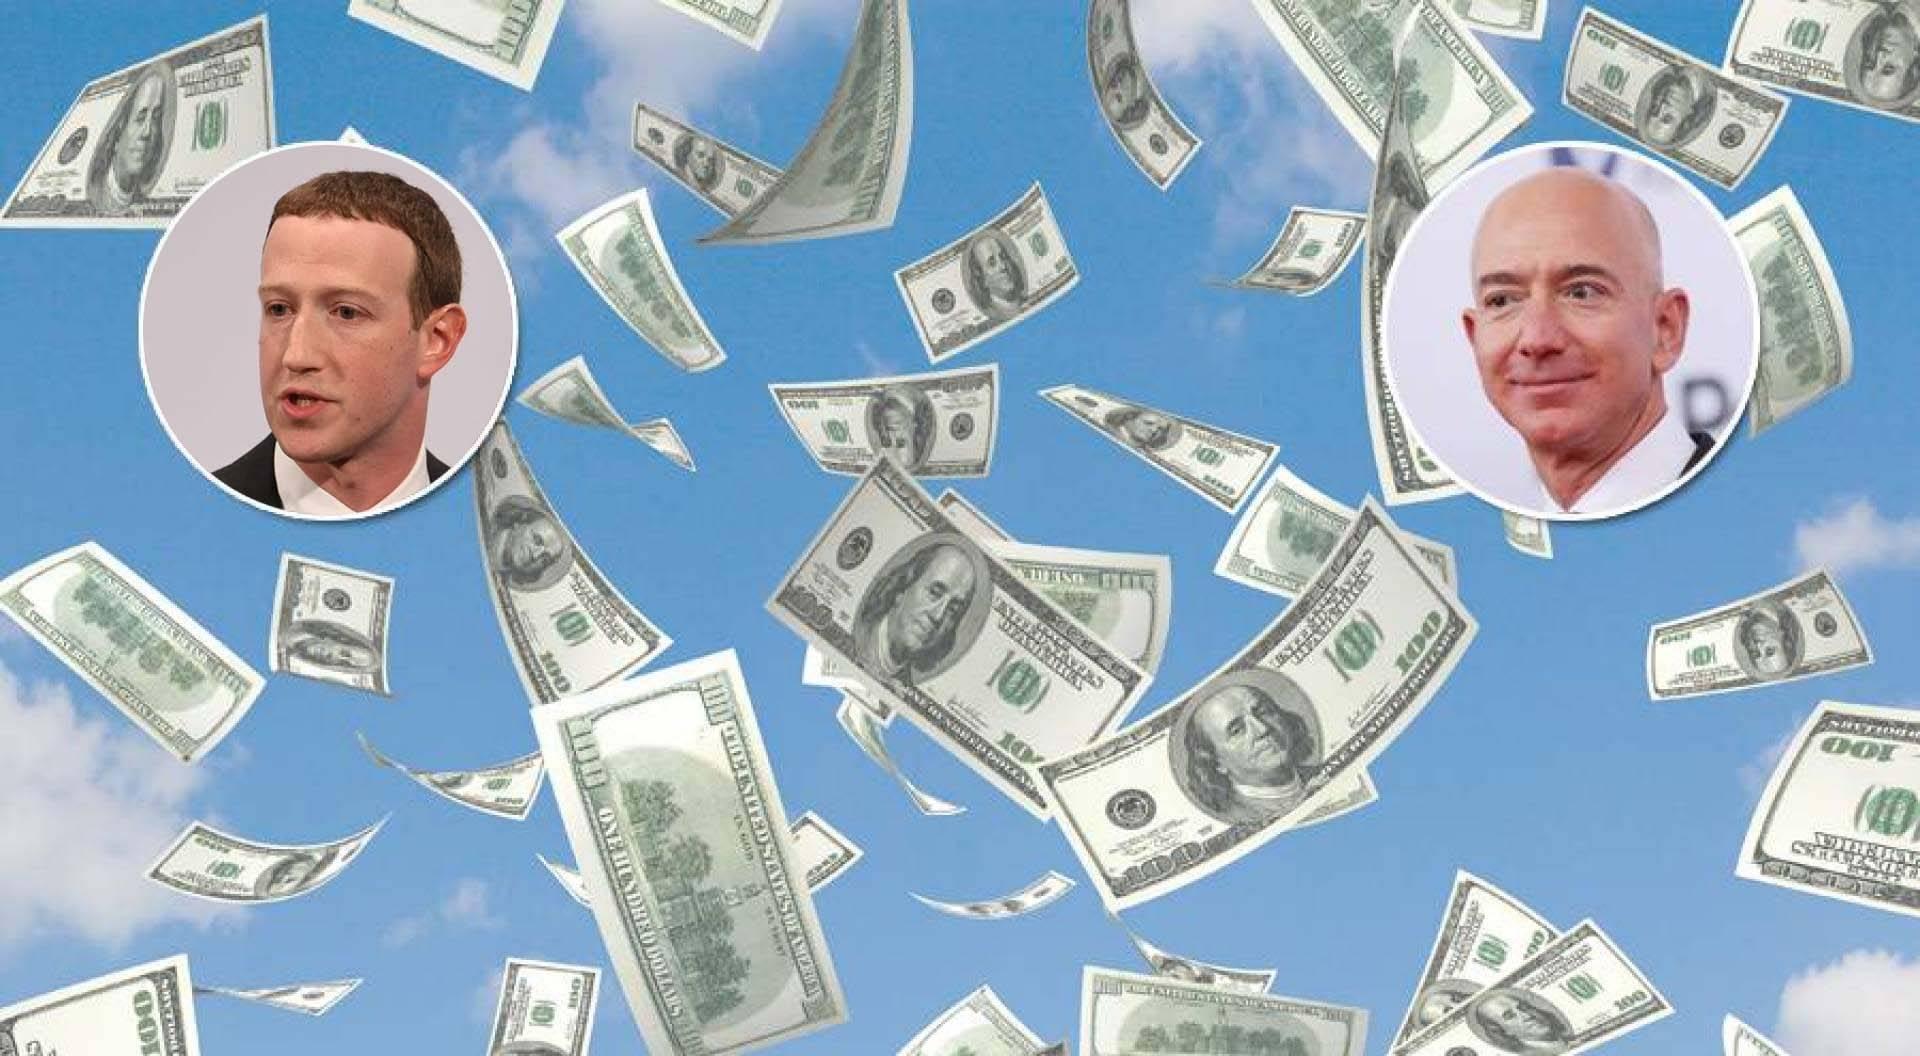 167 مليارديراً أضافوا 57.4 مليار دولار إلى ثرواتهم.. بعد الانتخابات الأميركية